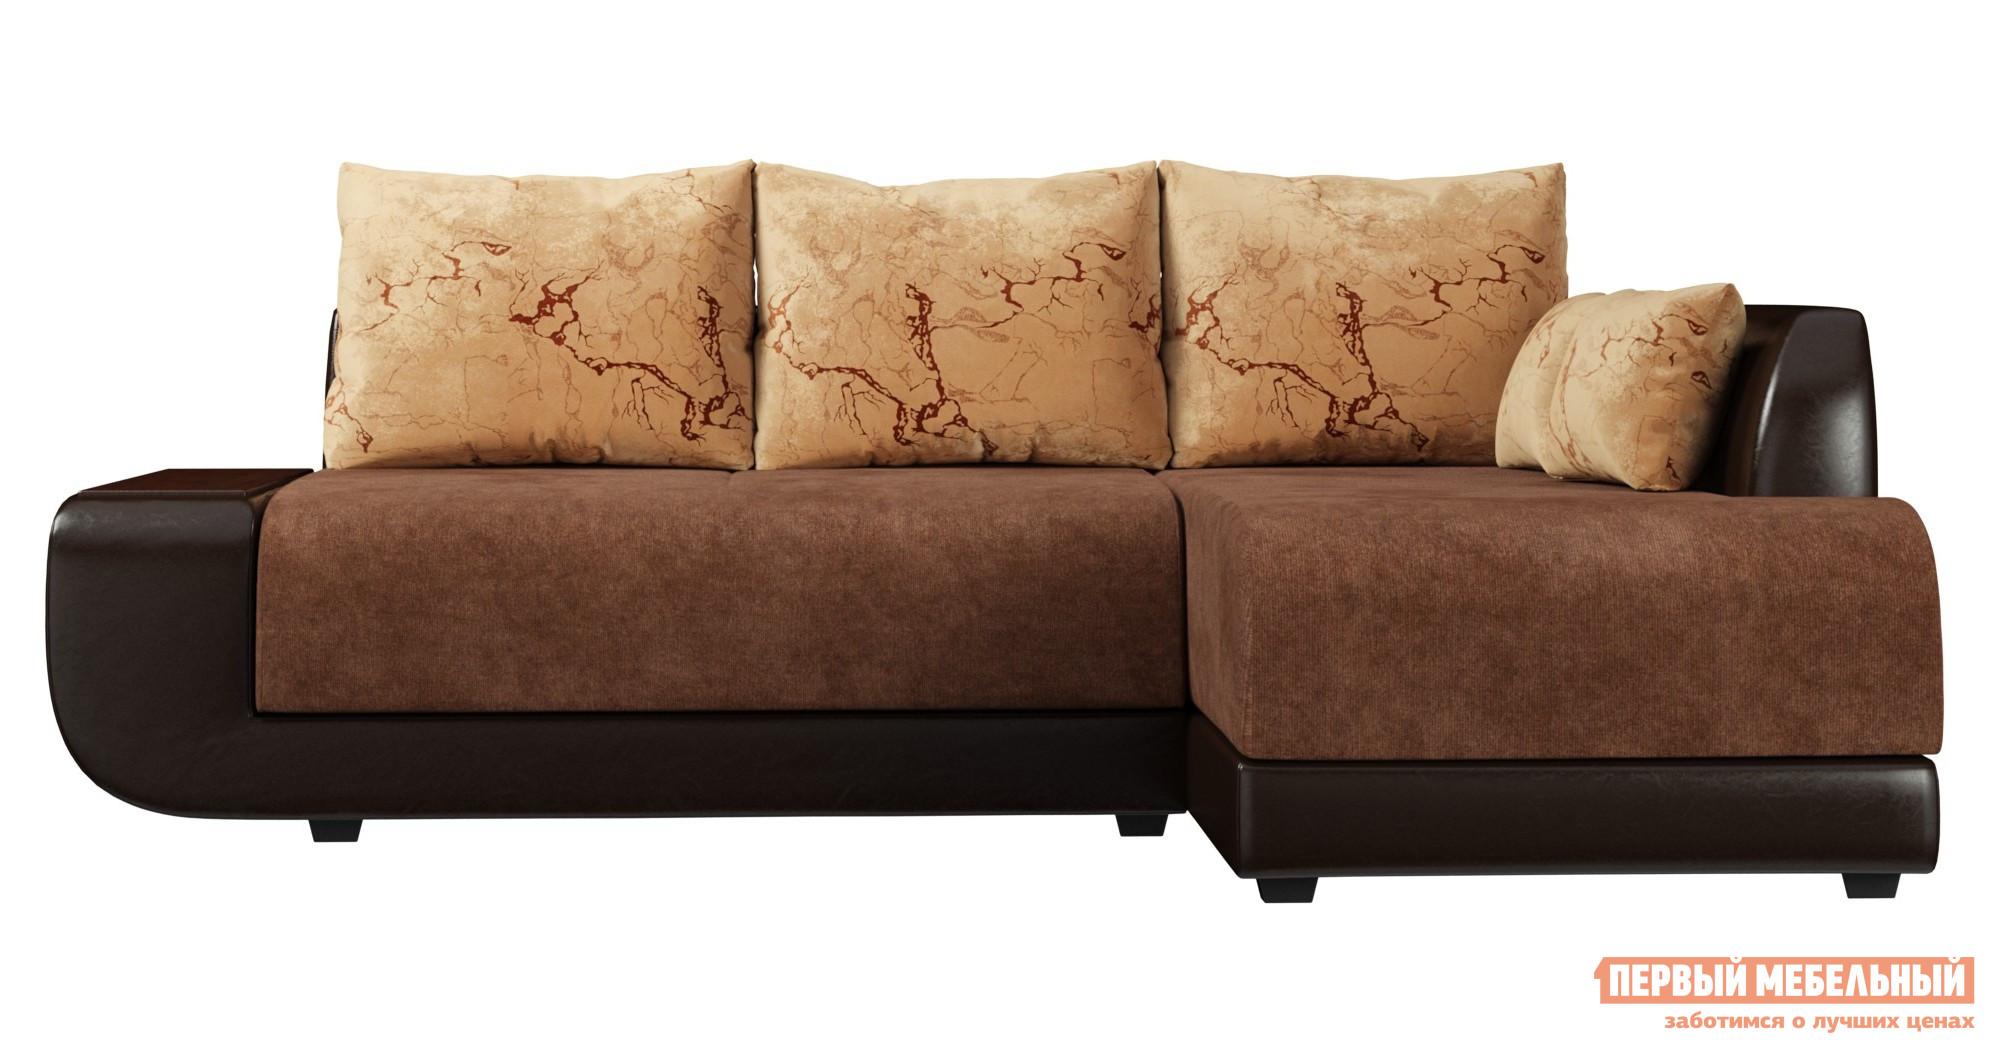 Угловой диван-кровать WOODCRAFT Нью-йорк диван угловой woodcraft вендор джеральд 3 универсальный